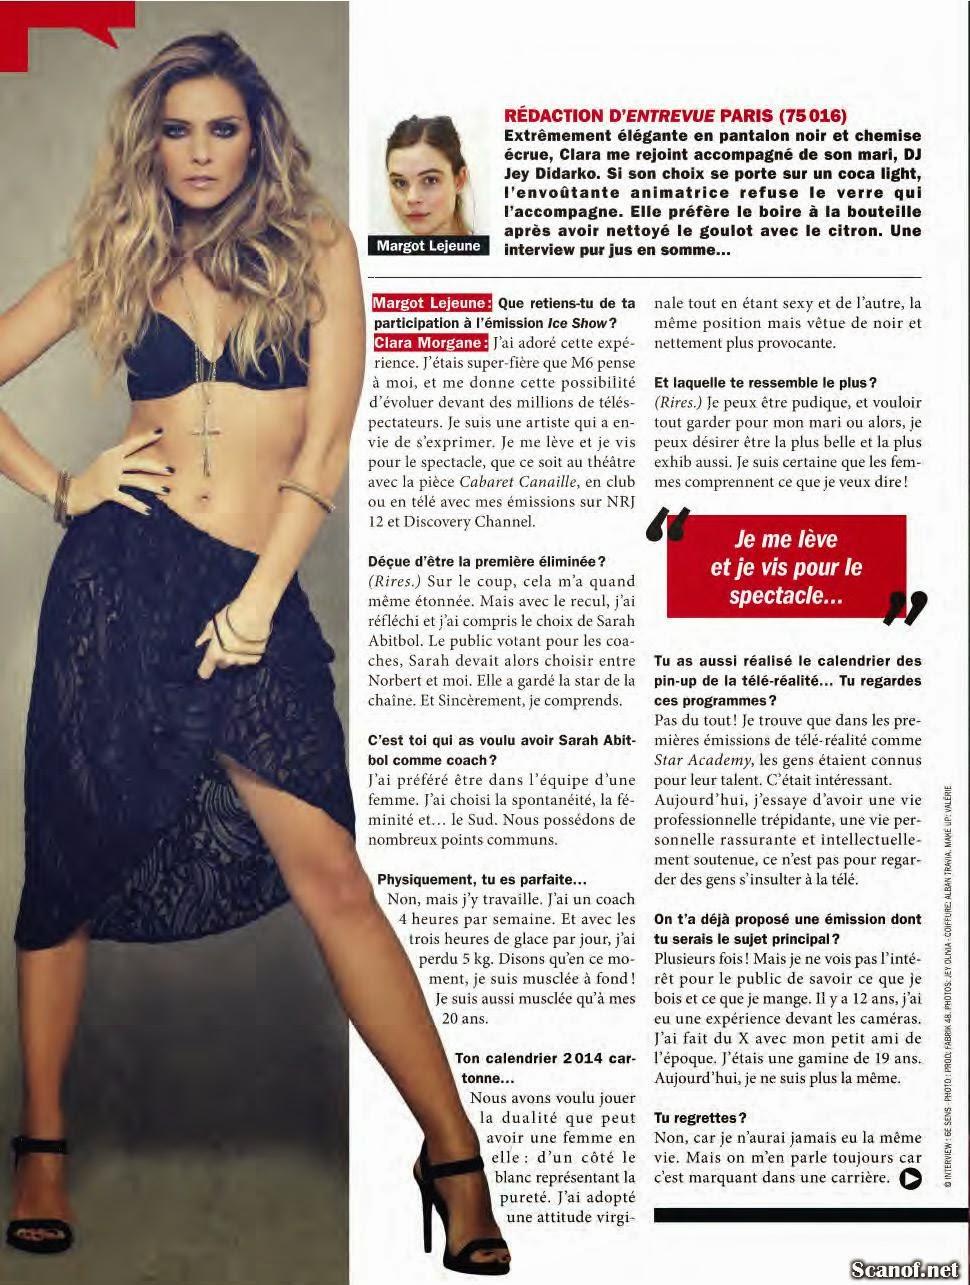 Magazine Photoshoot : Clara Morgane Photoshot For Entrevue Magazine France January 2014 Issue